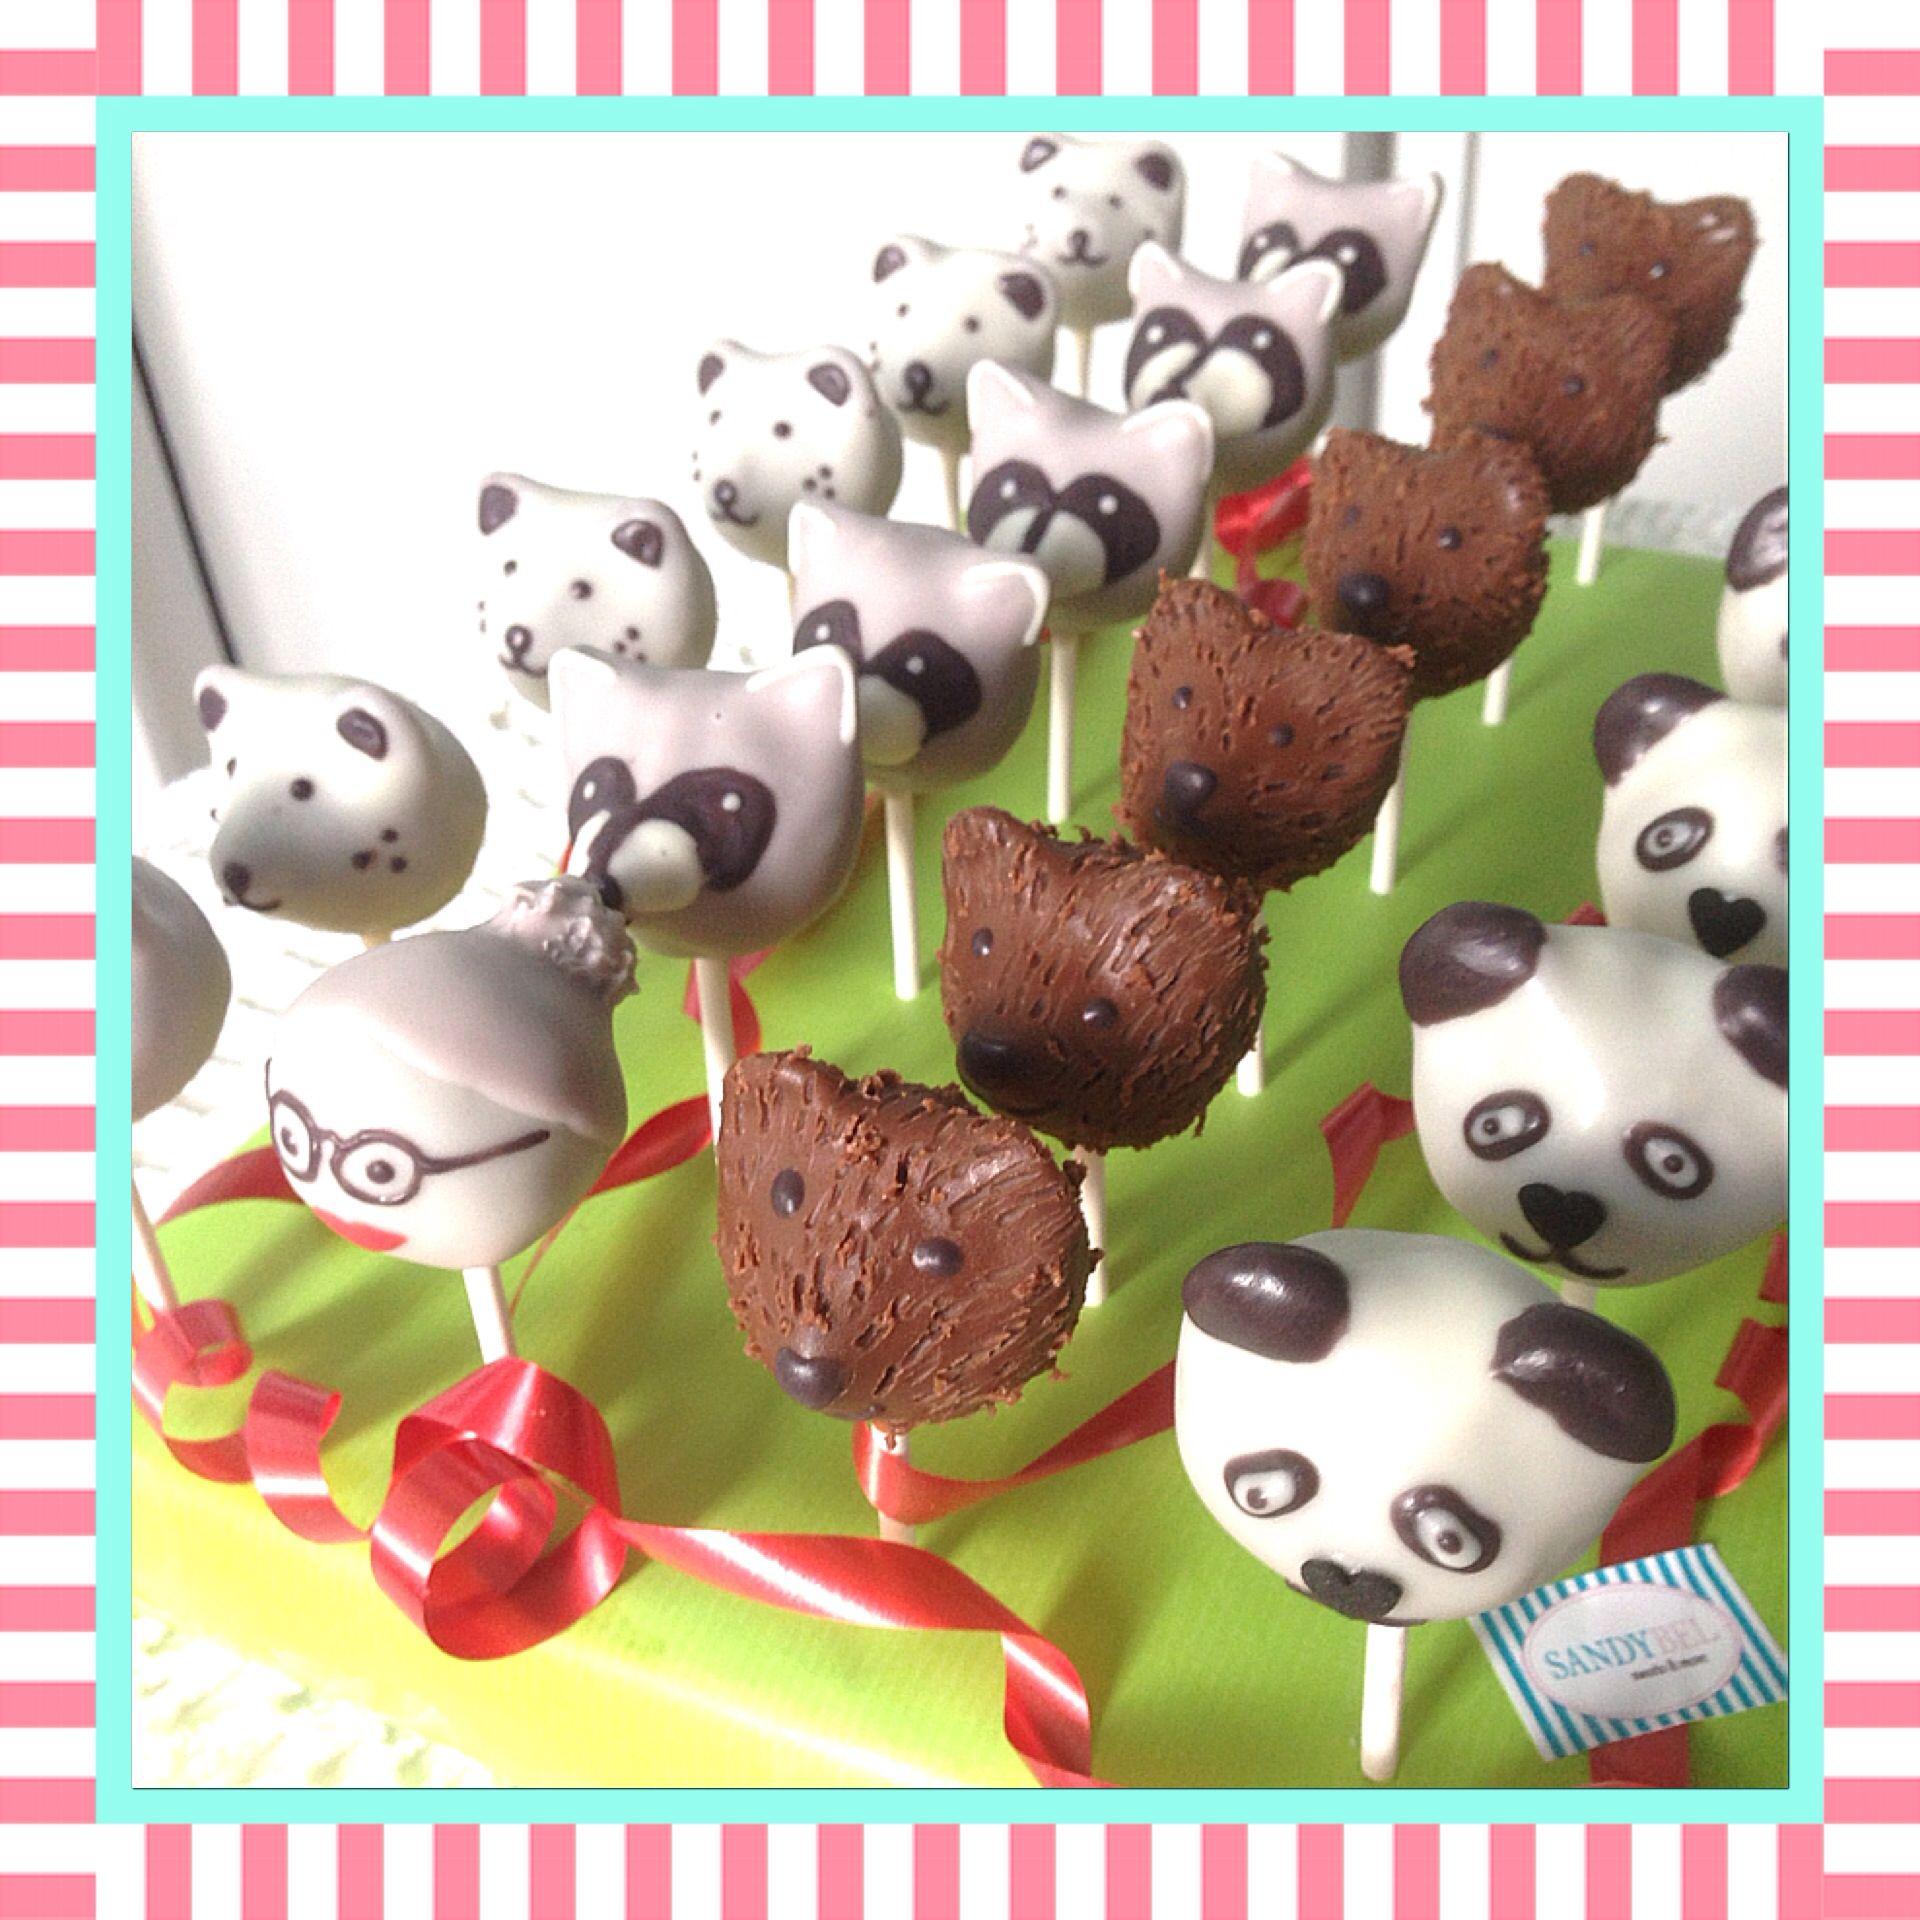 Inspirational Viele B rchen und die Dompteurin cakepops sandybel kuchen cupcakes n rnberg